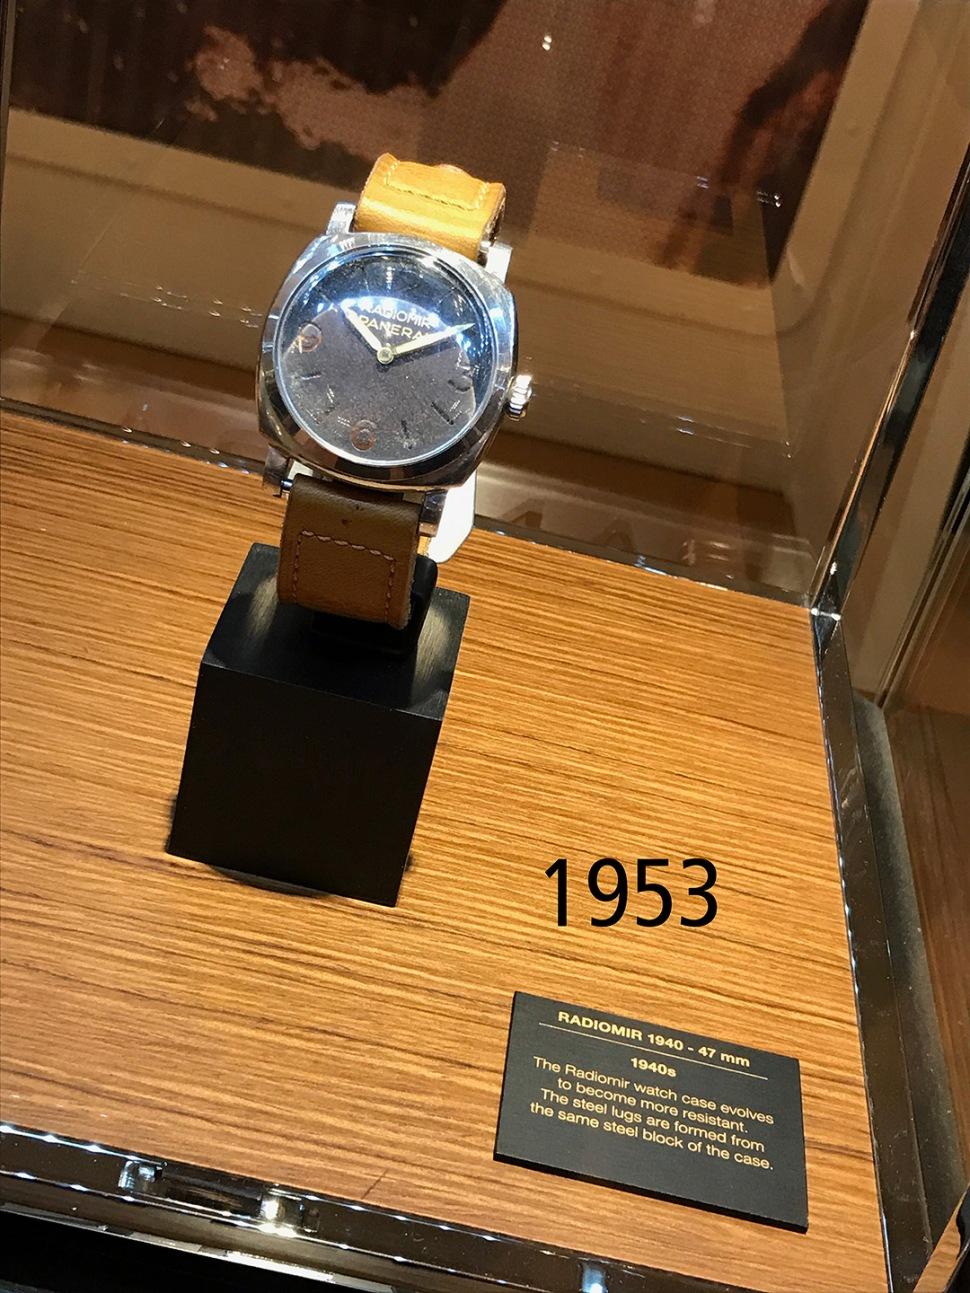 191127-rolex-panerai-6152-wrong-date